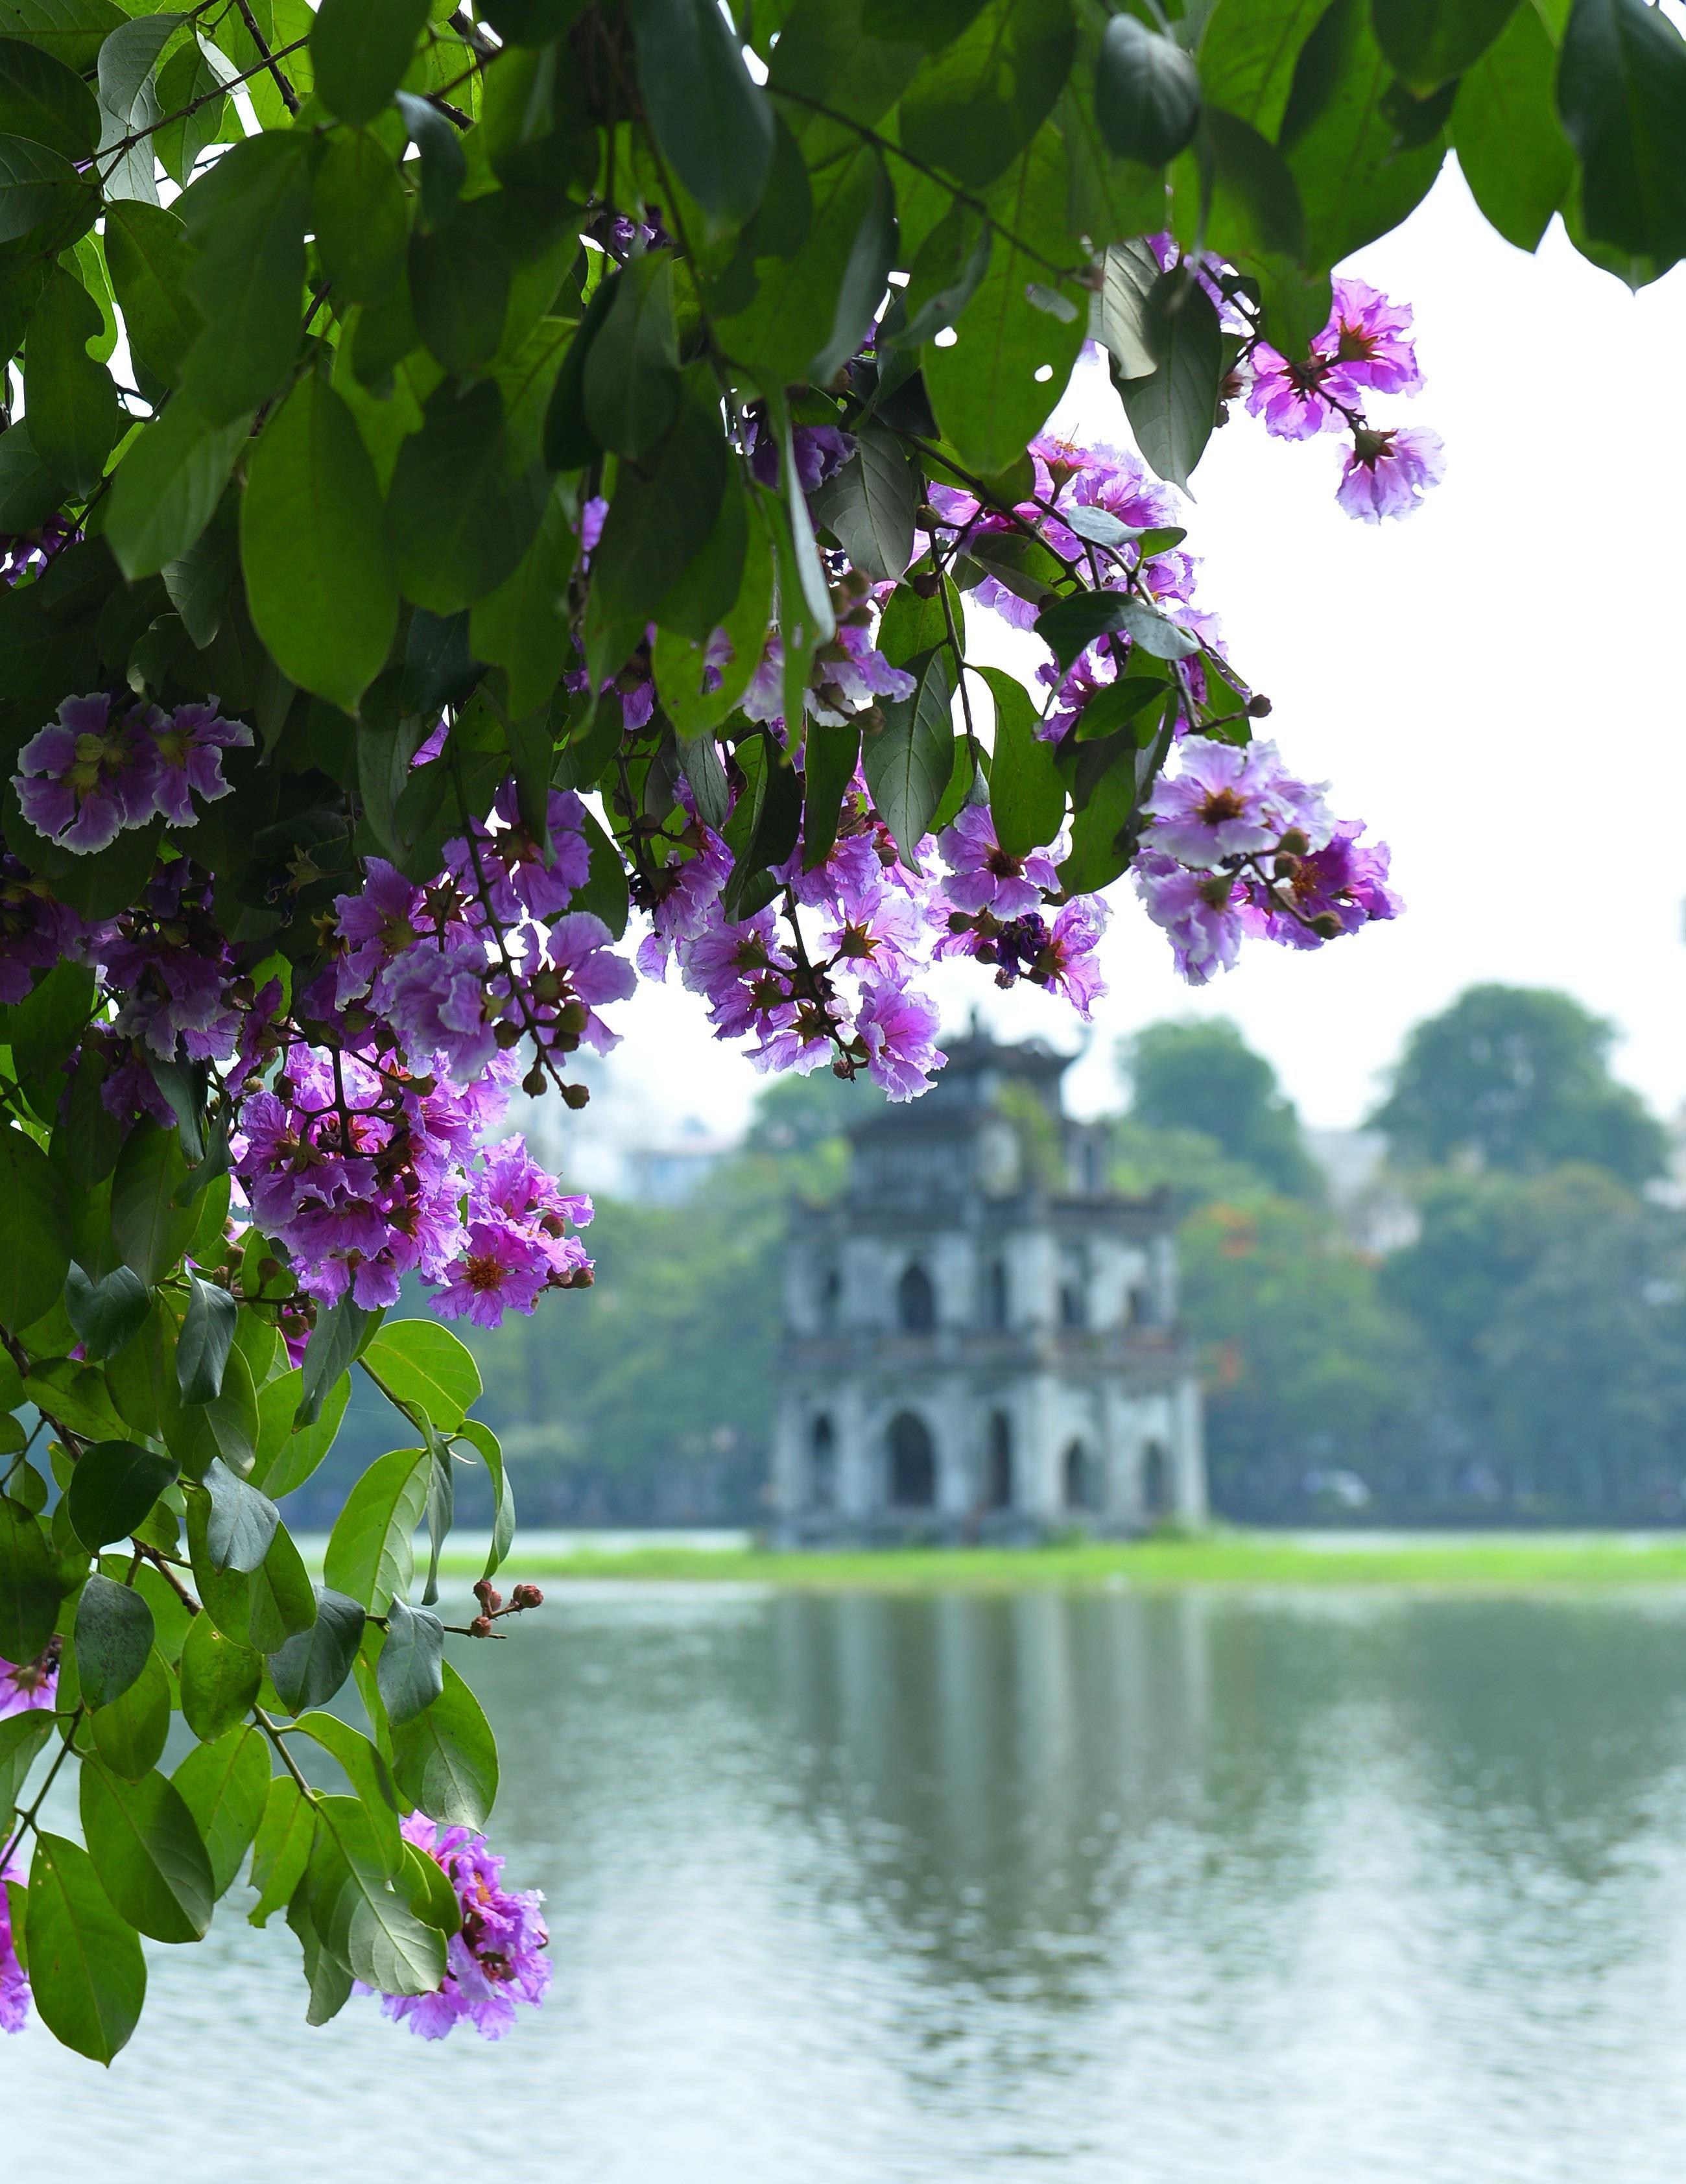 Hà Nội rực rỡ trong những sắc hoa mùa hè Ảnh 1